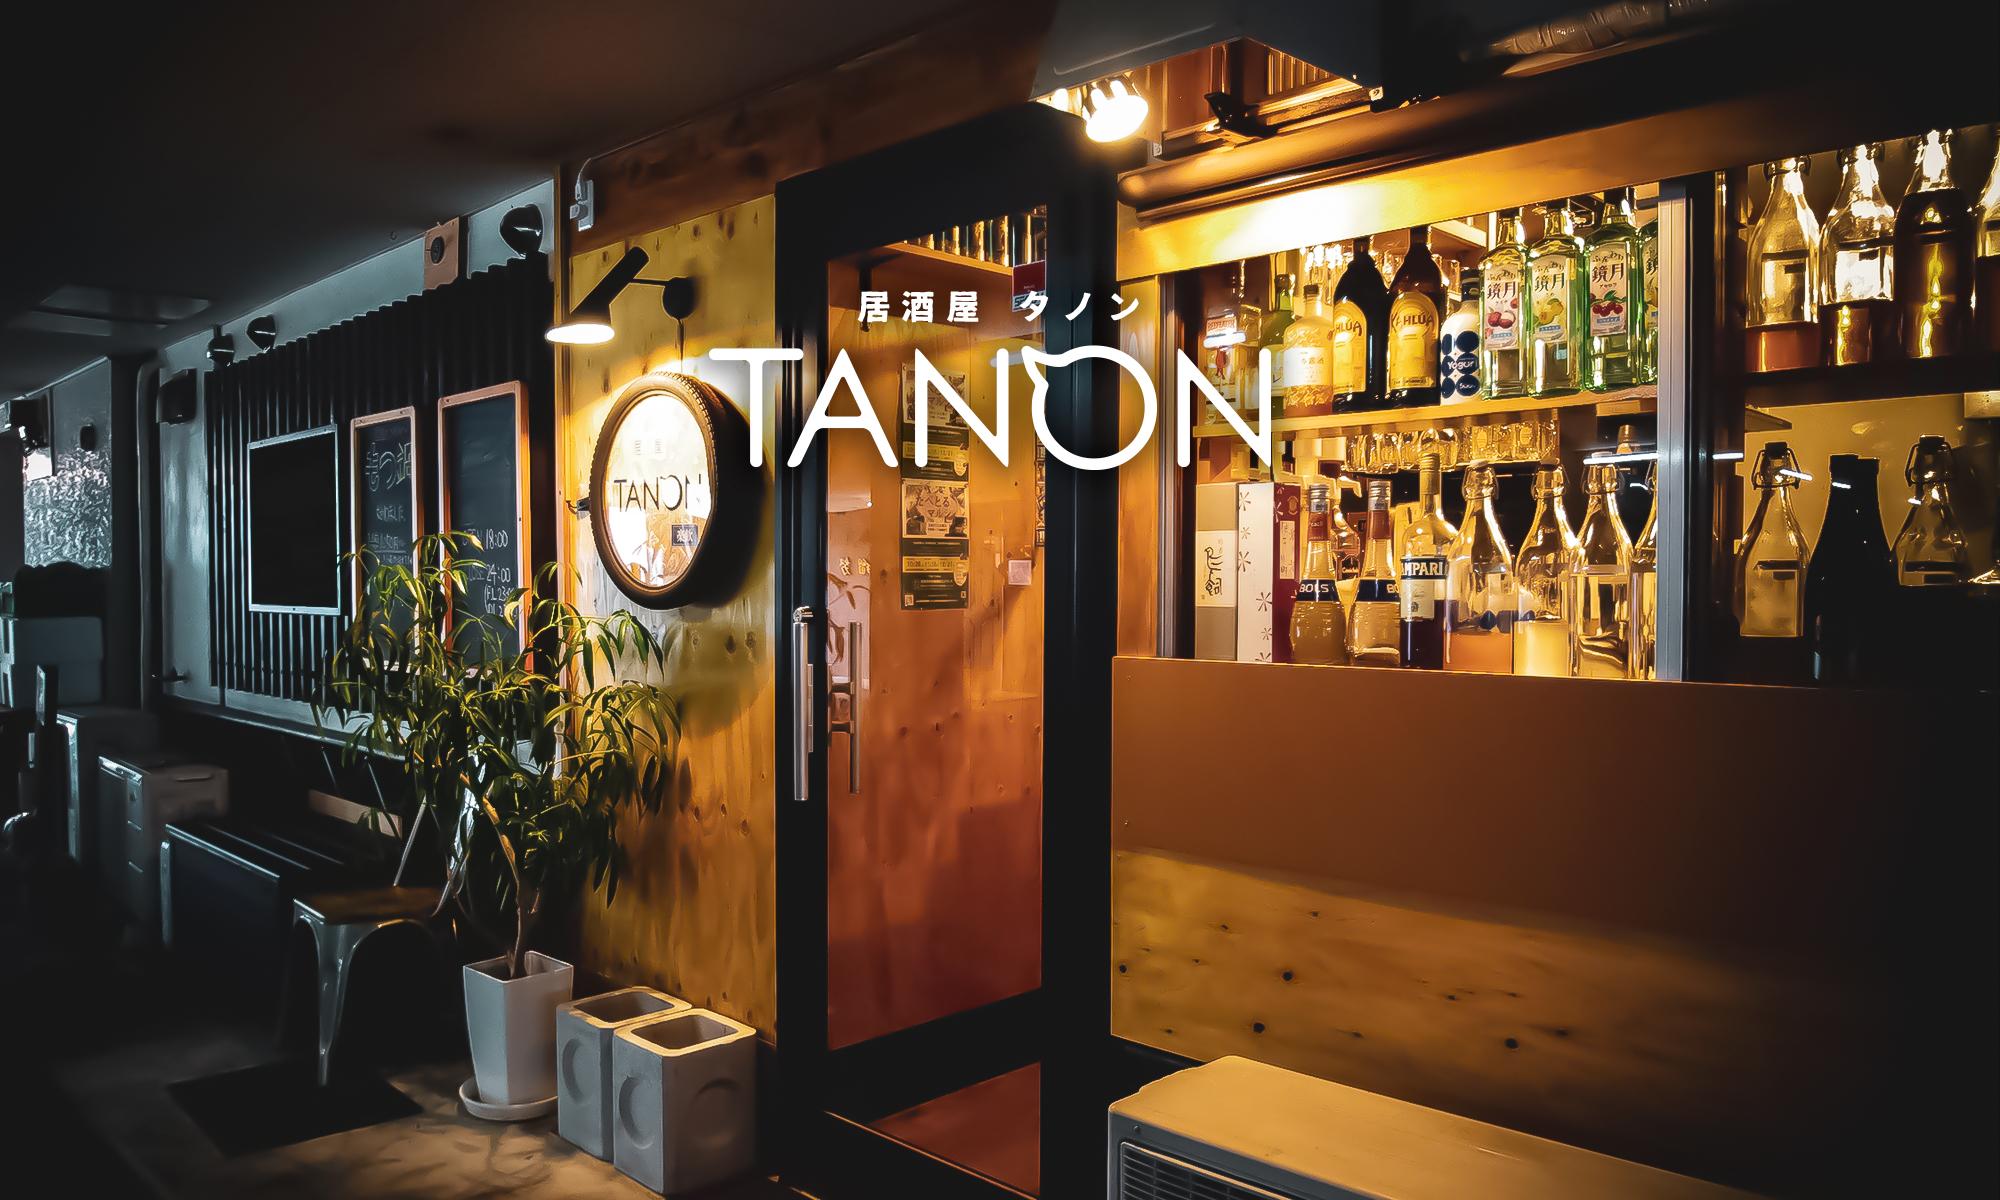 居酒屋 TANON